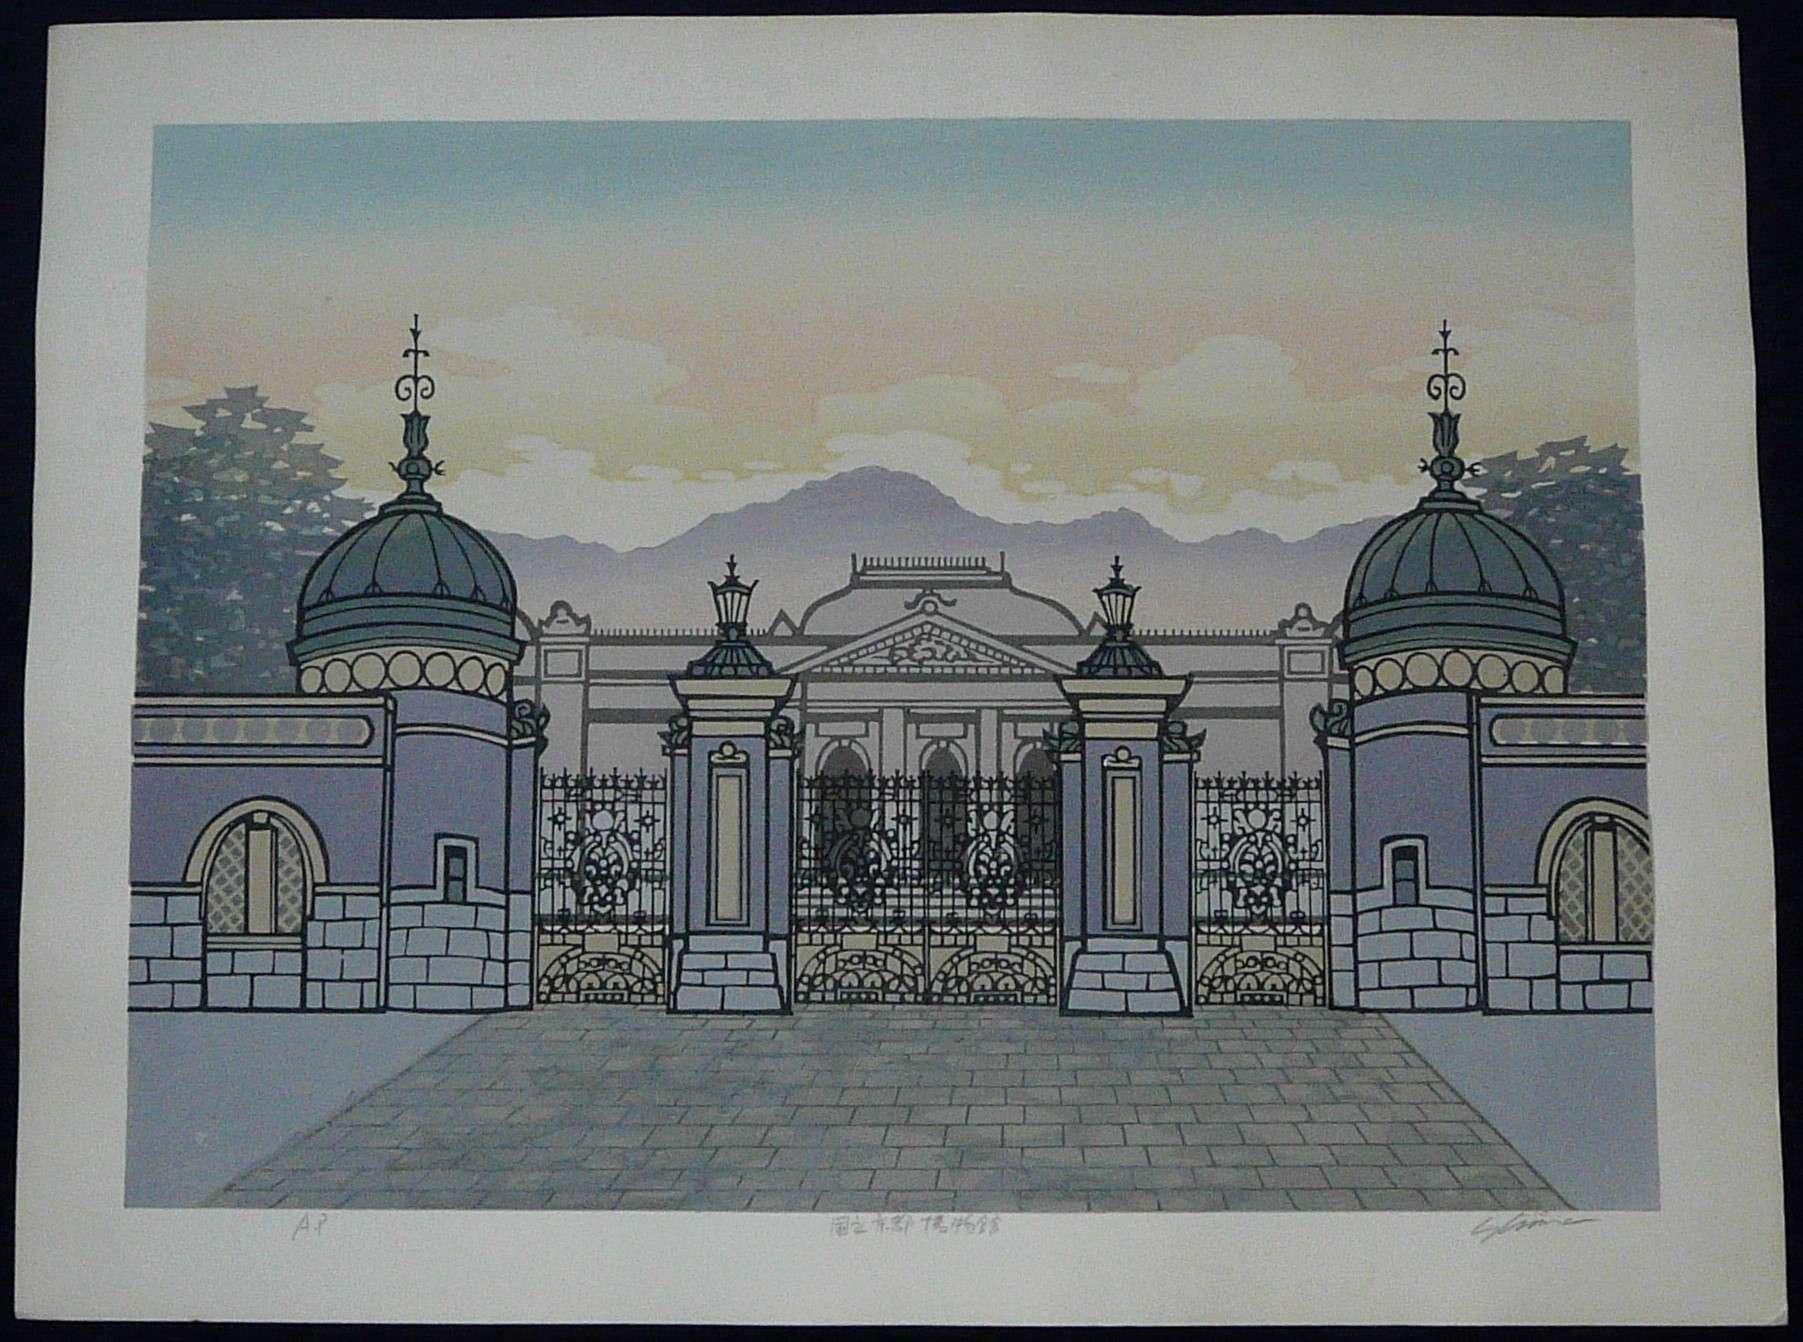 Katsuyuki Nishijima: #P3079 THE EMPORER'S PALACE IN KYOTO